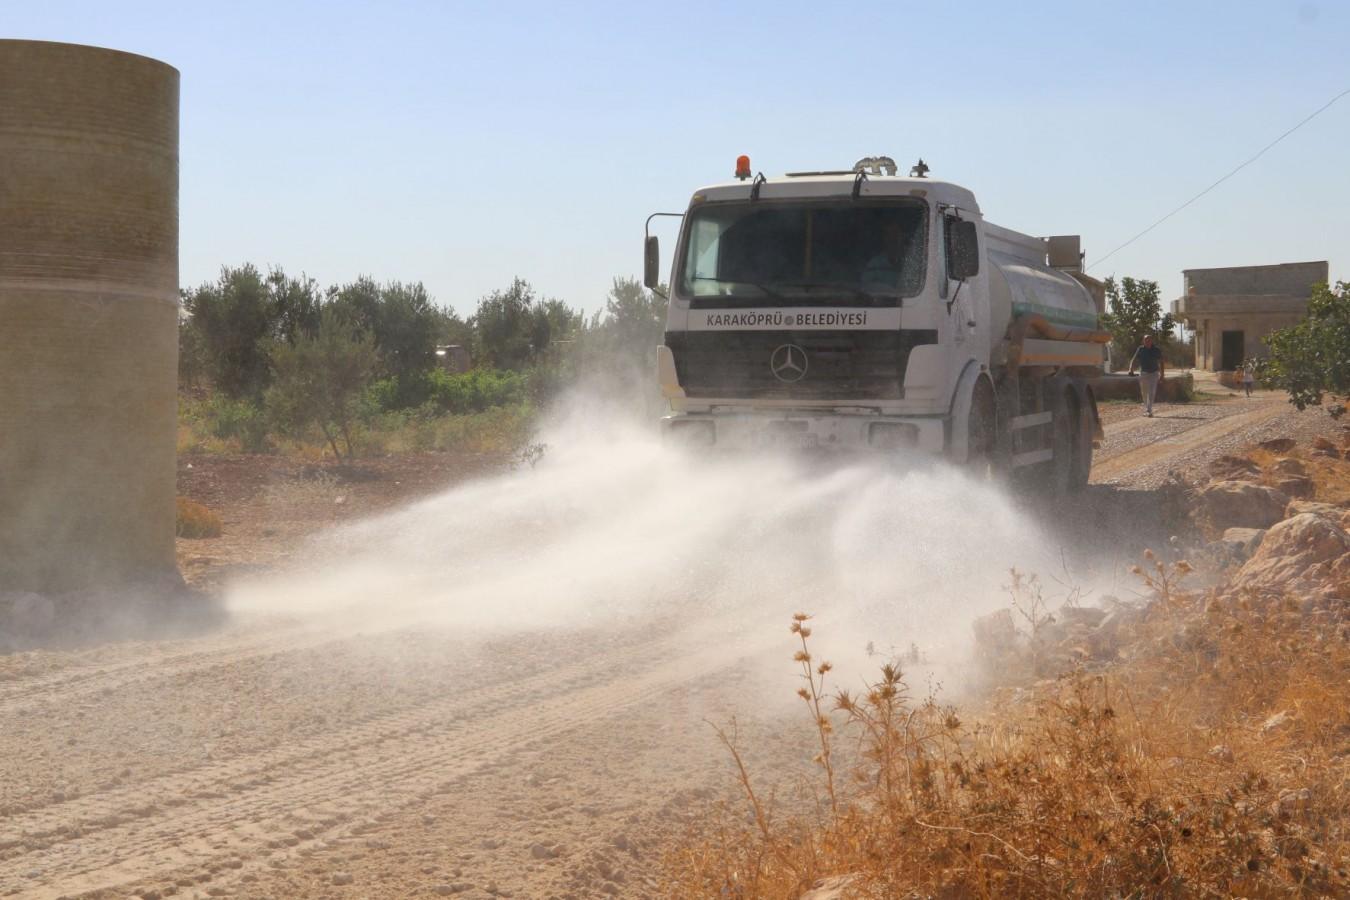 Karaköprü'deki yollar stabilize malzeme serimiyle yenilendi